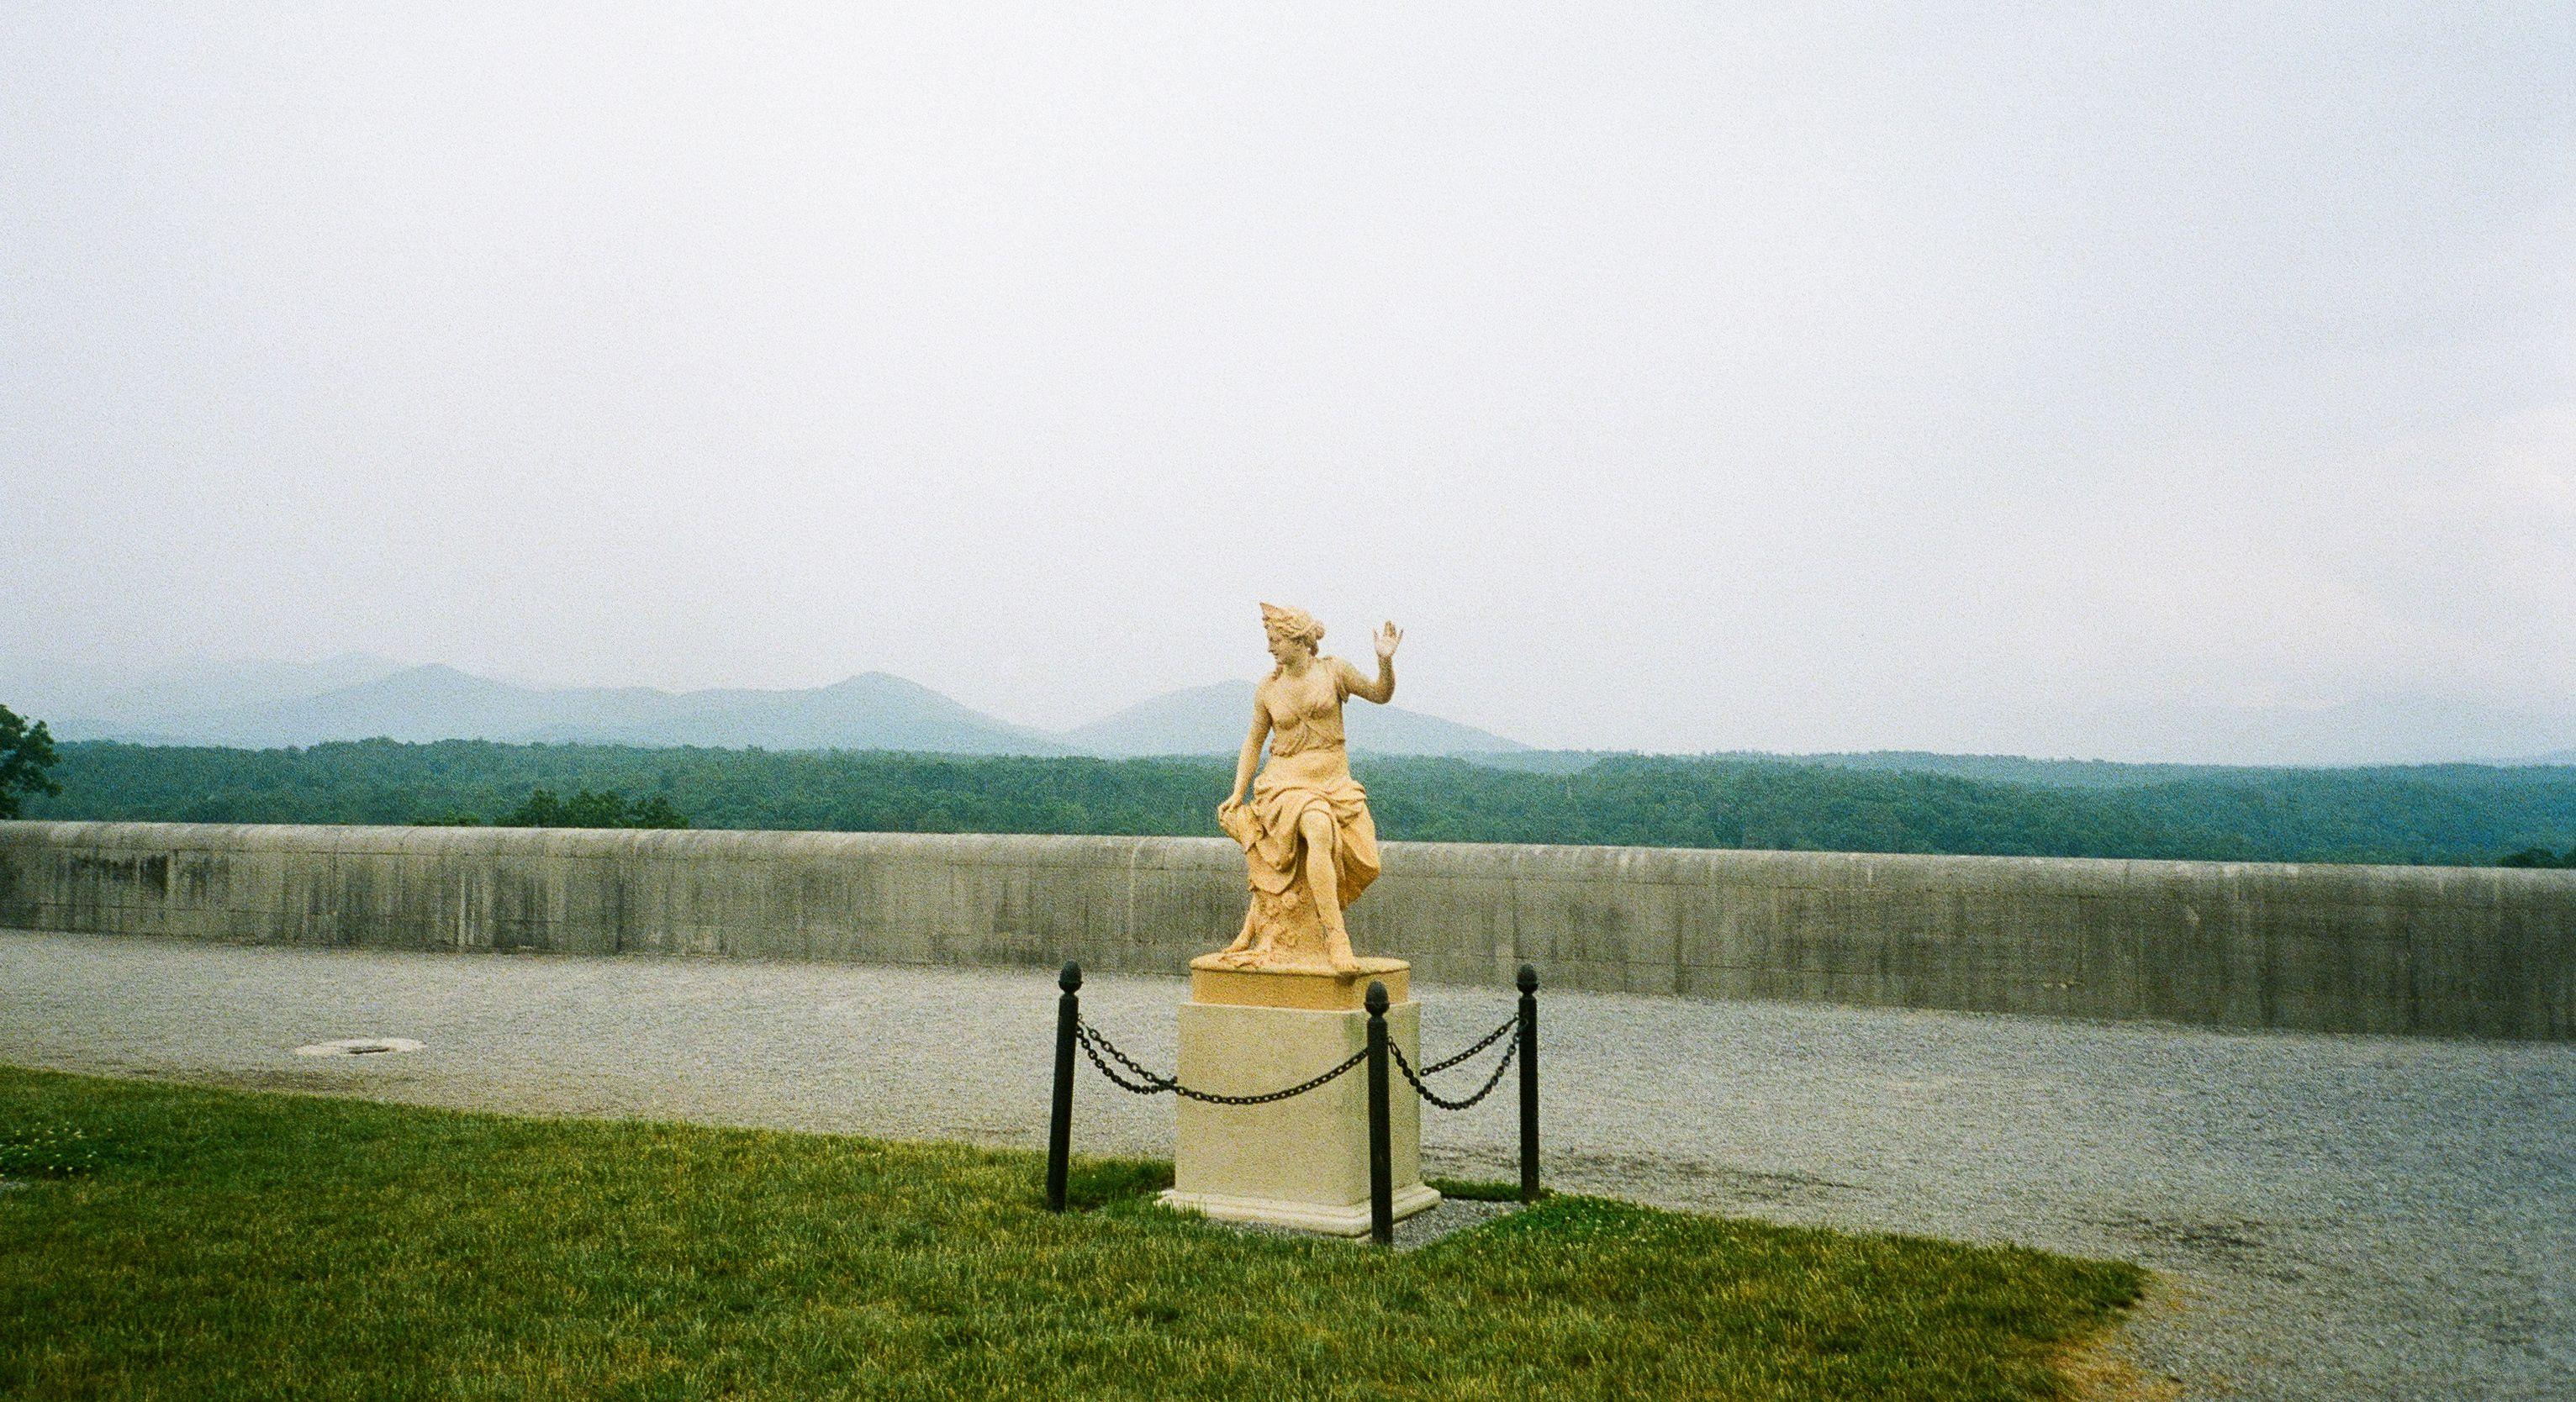 Statue in America